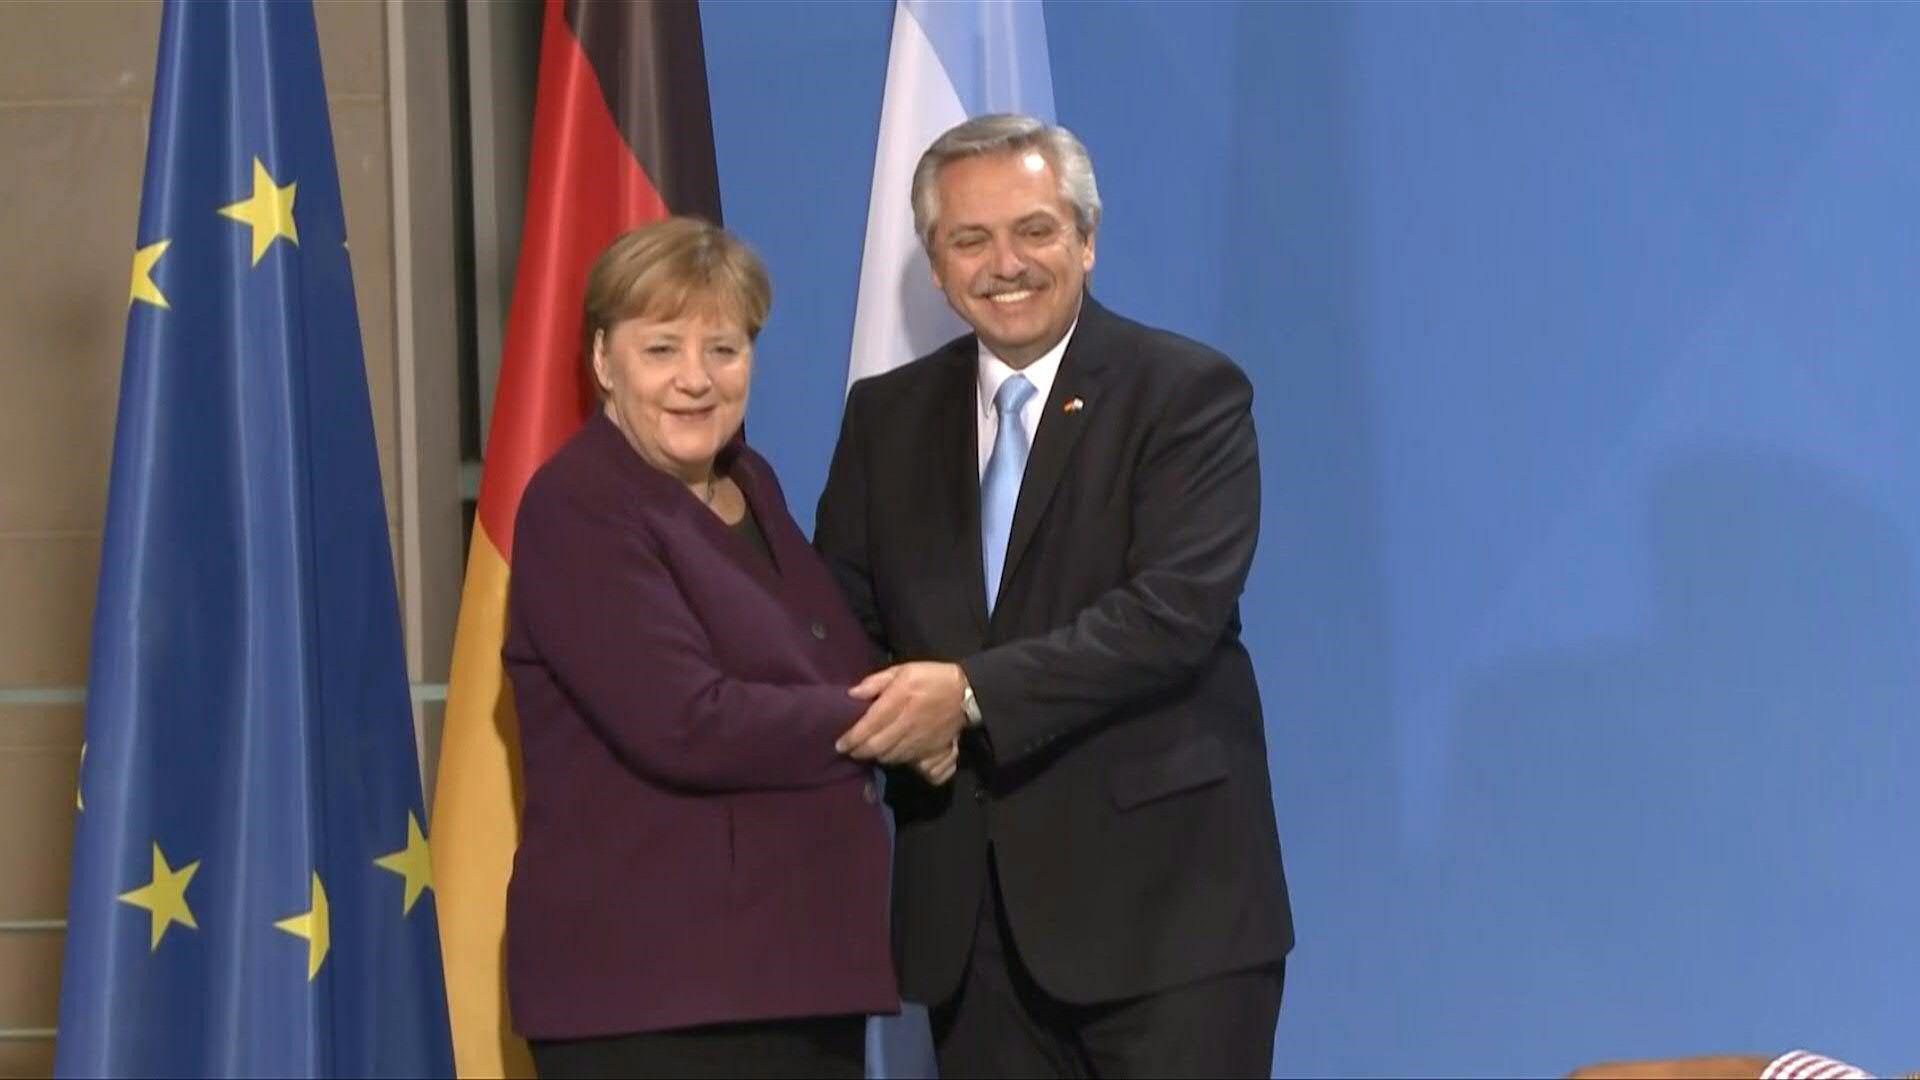 Alberto Fernández tiene intenciones de reunirse con Angela Merkel durante su gira por Europa